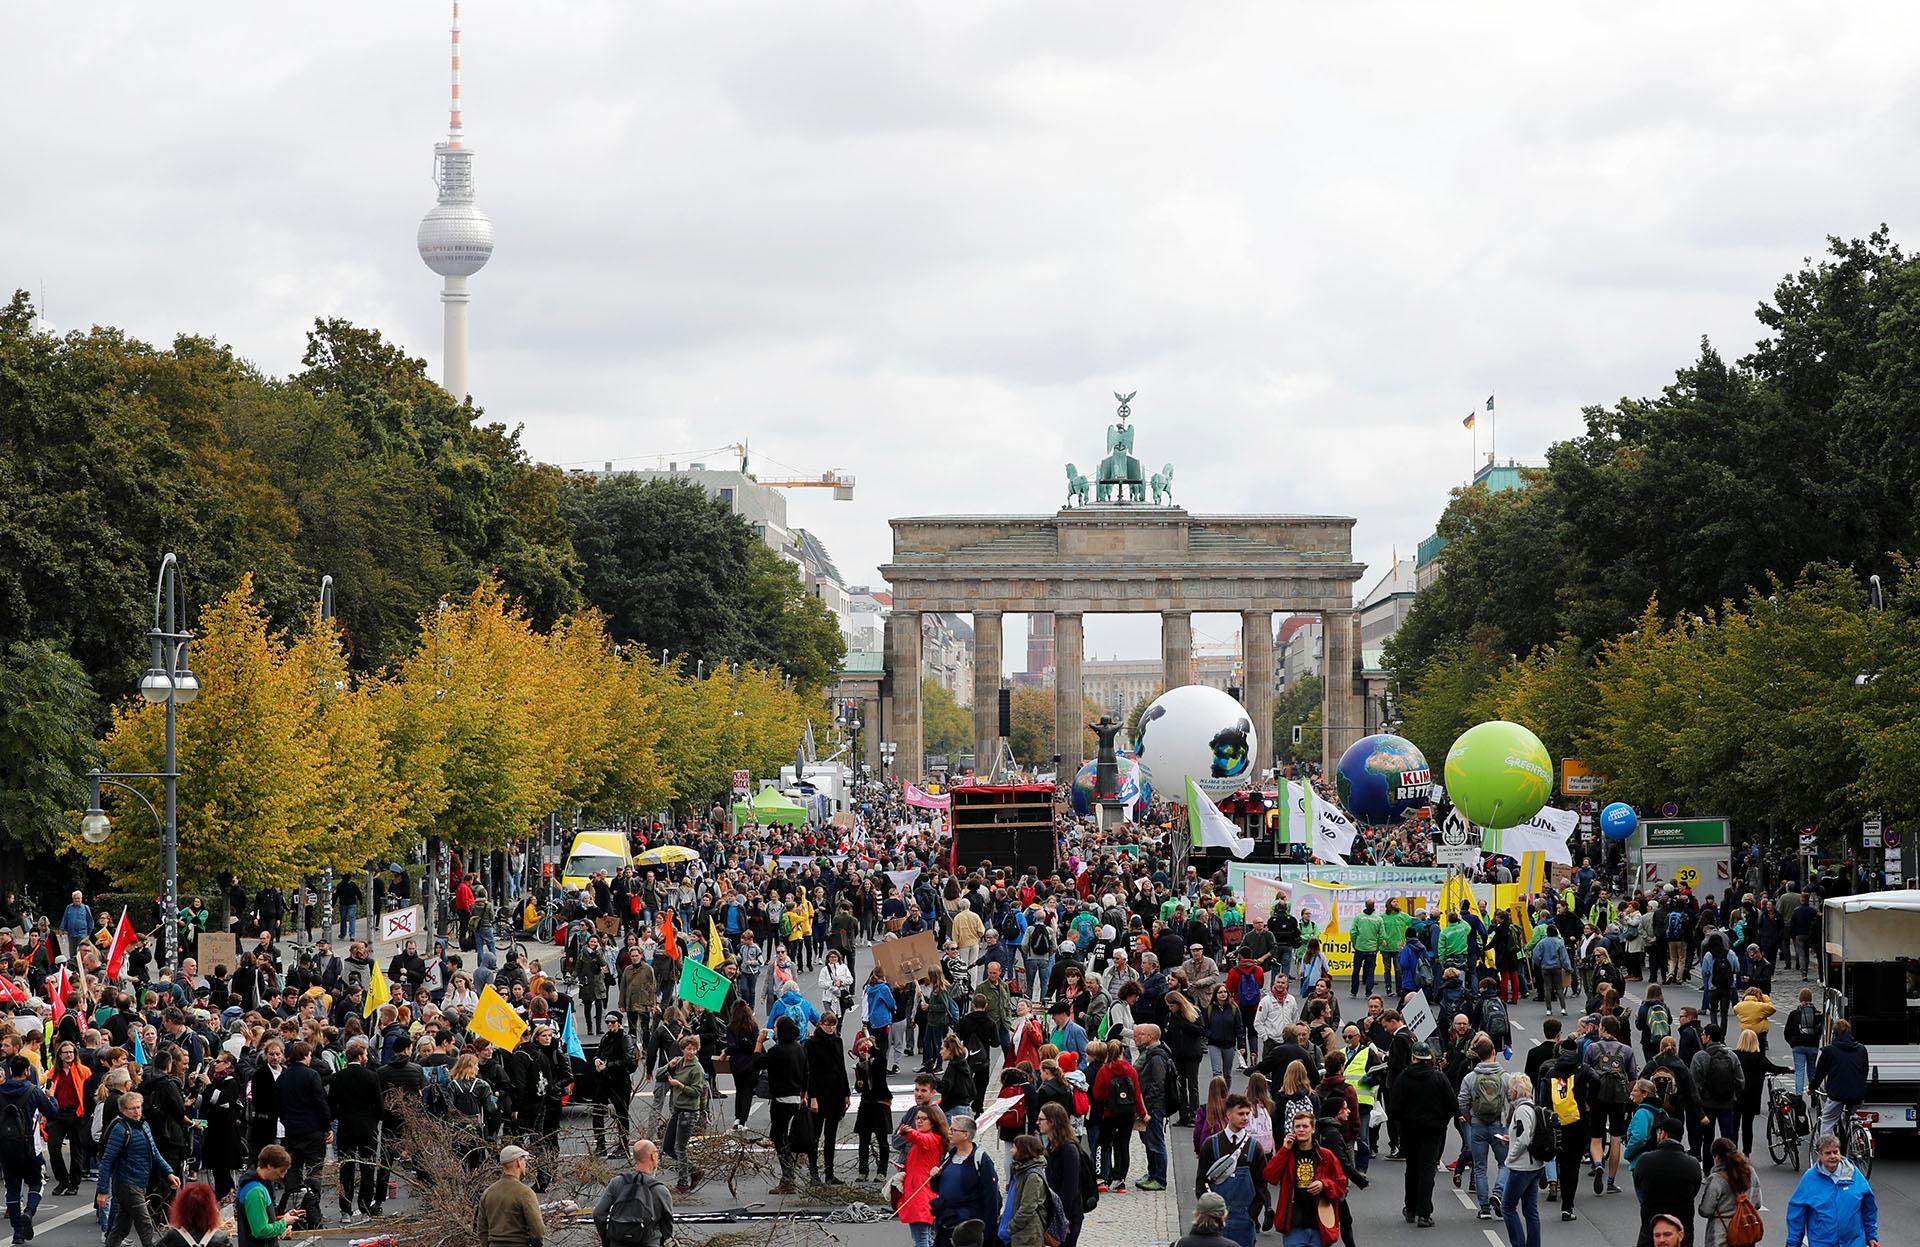 La gente se reúne frente a la Puerta de Brandenburgo paramanifestarse (REUTERS/Fabrizio Bensch)